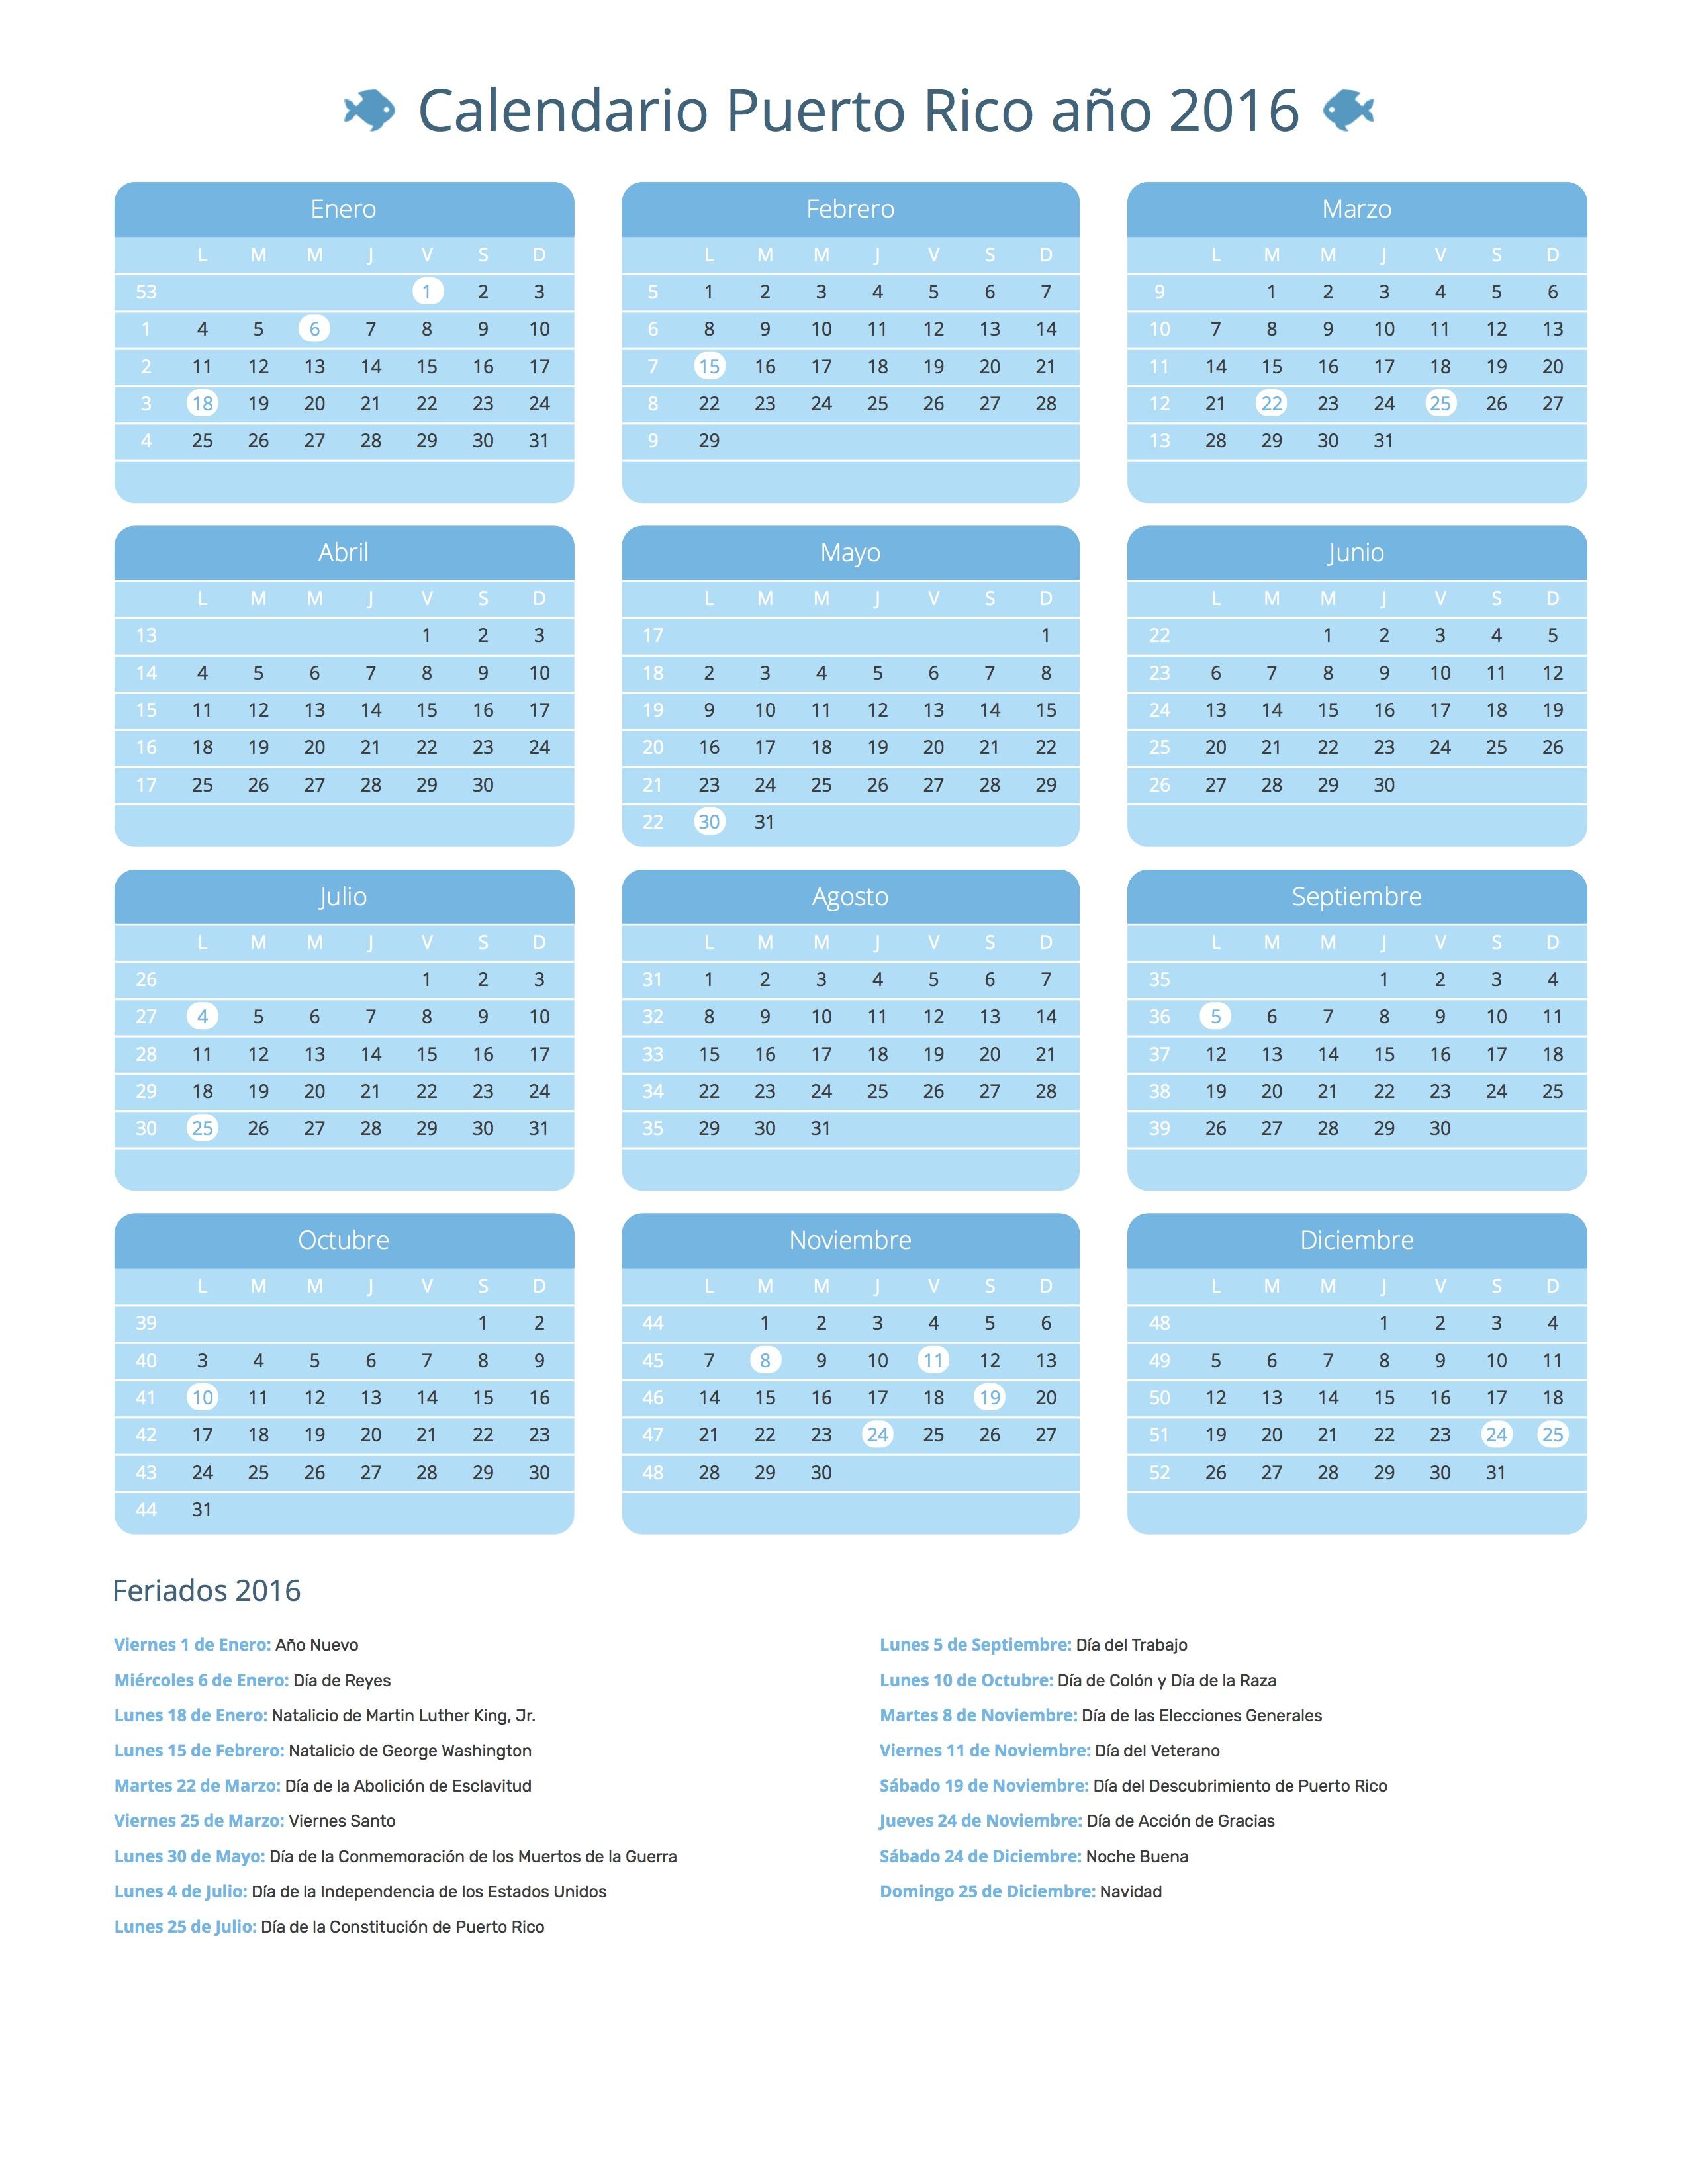 Calendario Del Ano 1965.Calendario Puerto Rico Ano 2016 Feriados